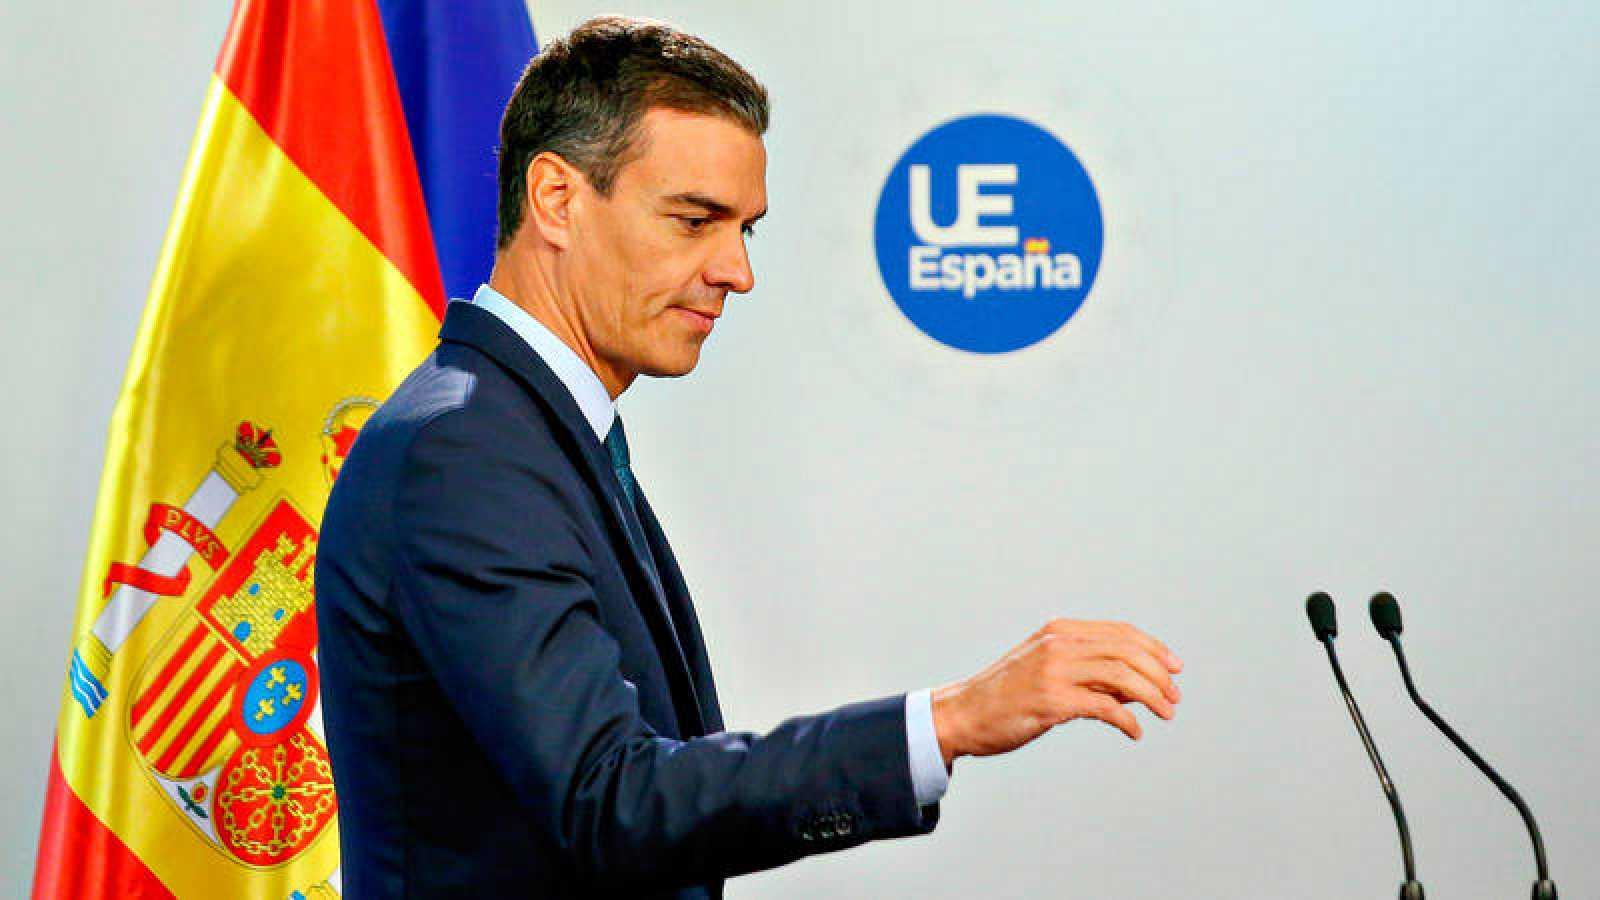 Pedro Sánchez, que ejerce como negociador de los socialdemócratas europeos, en la rueda de prensa de este viernes